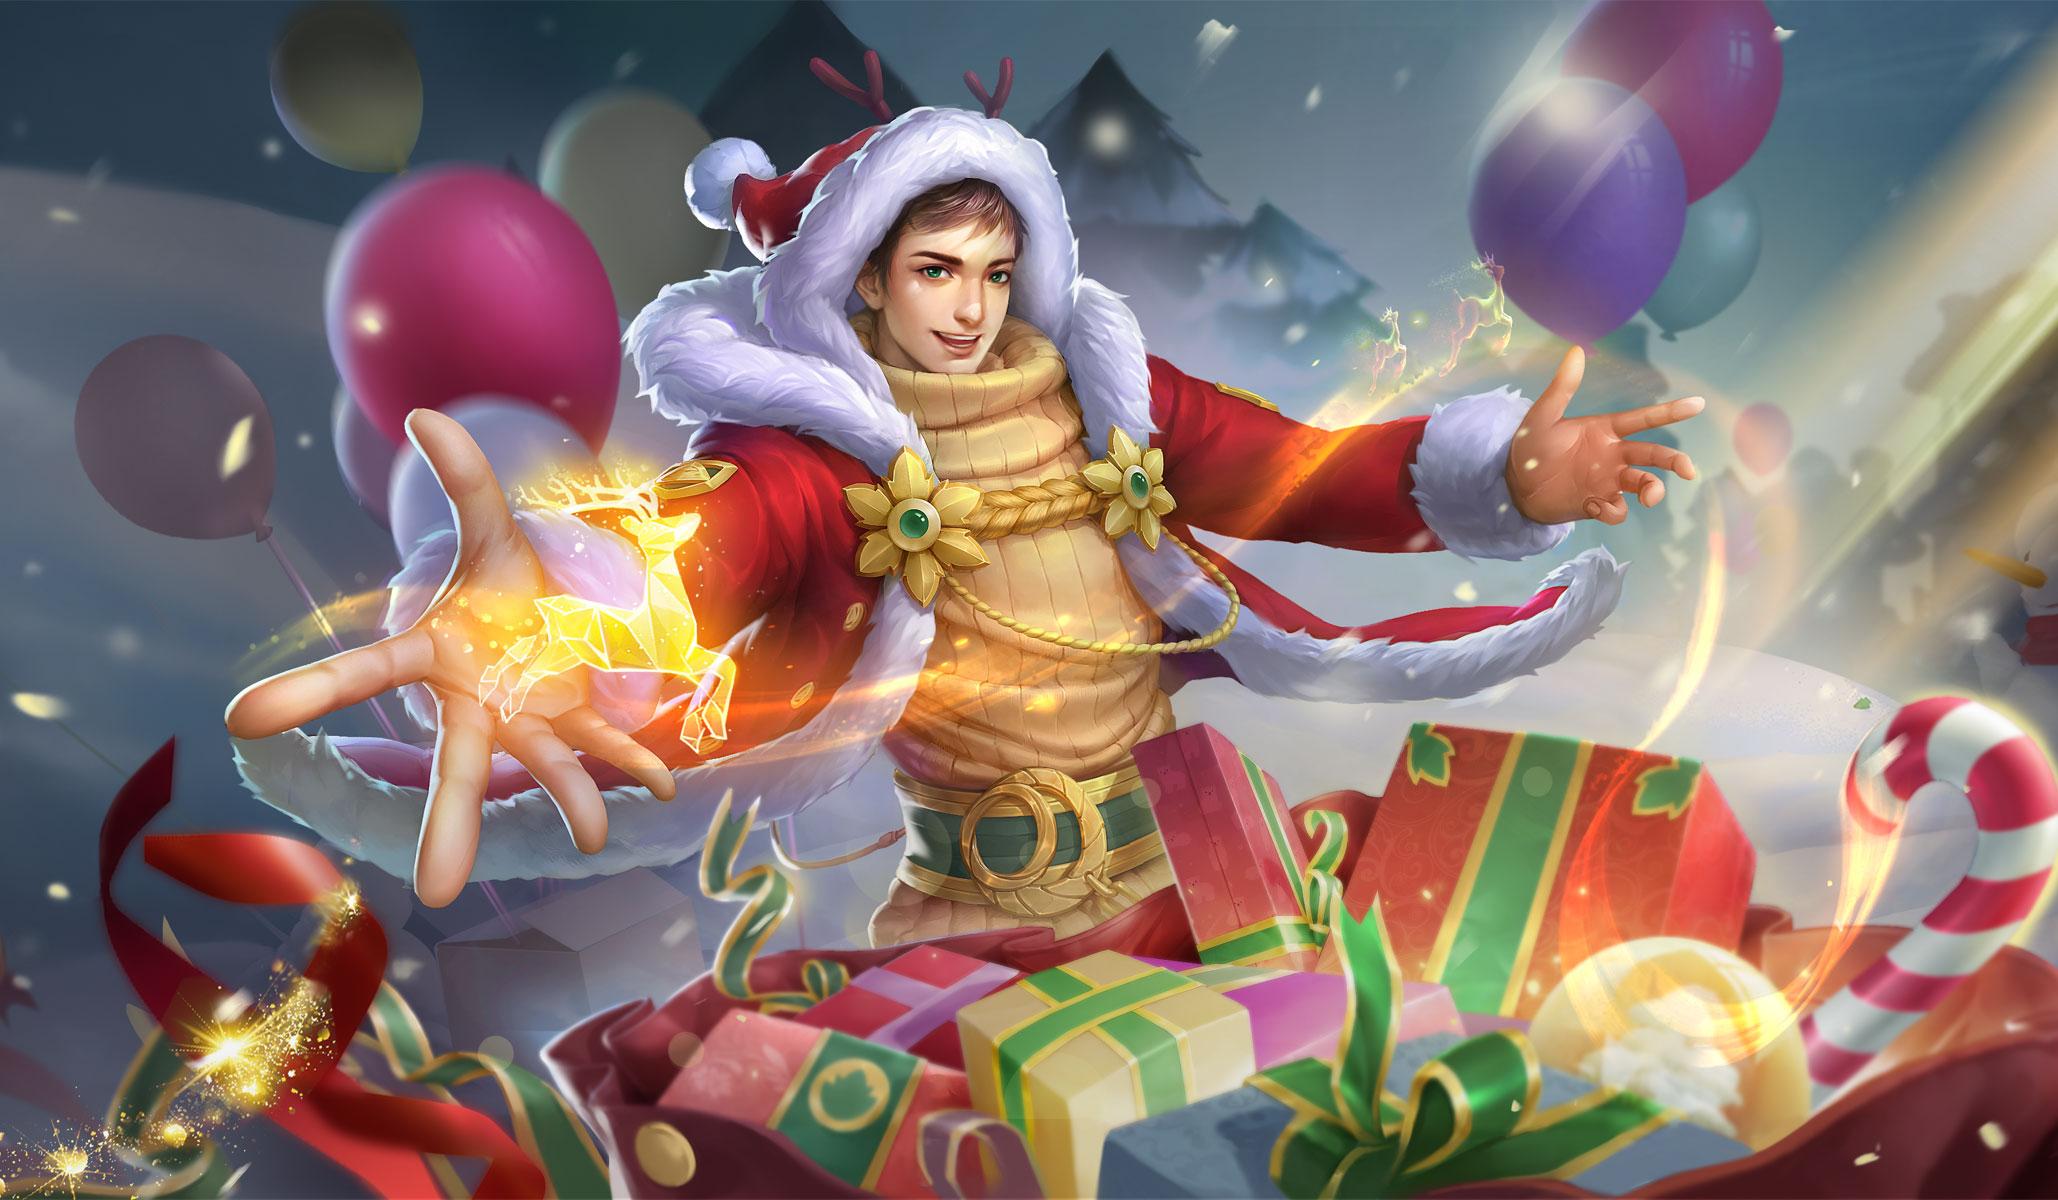 【新皮肤】图坦卡蒙-圣诞老人